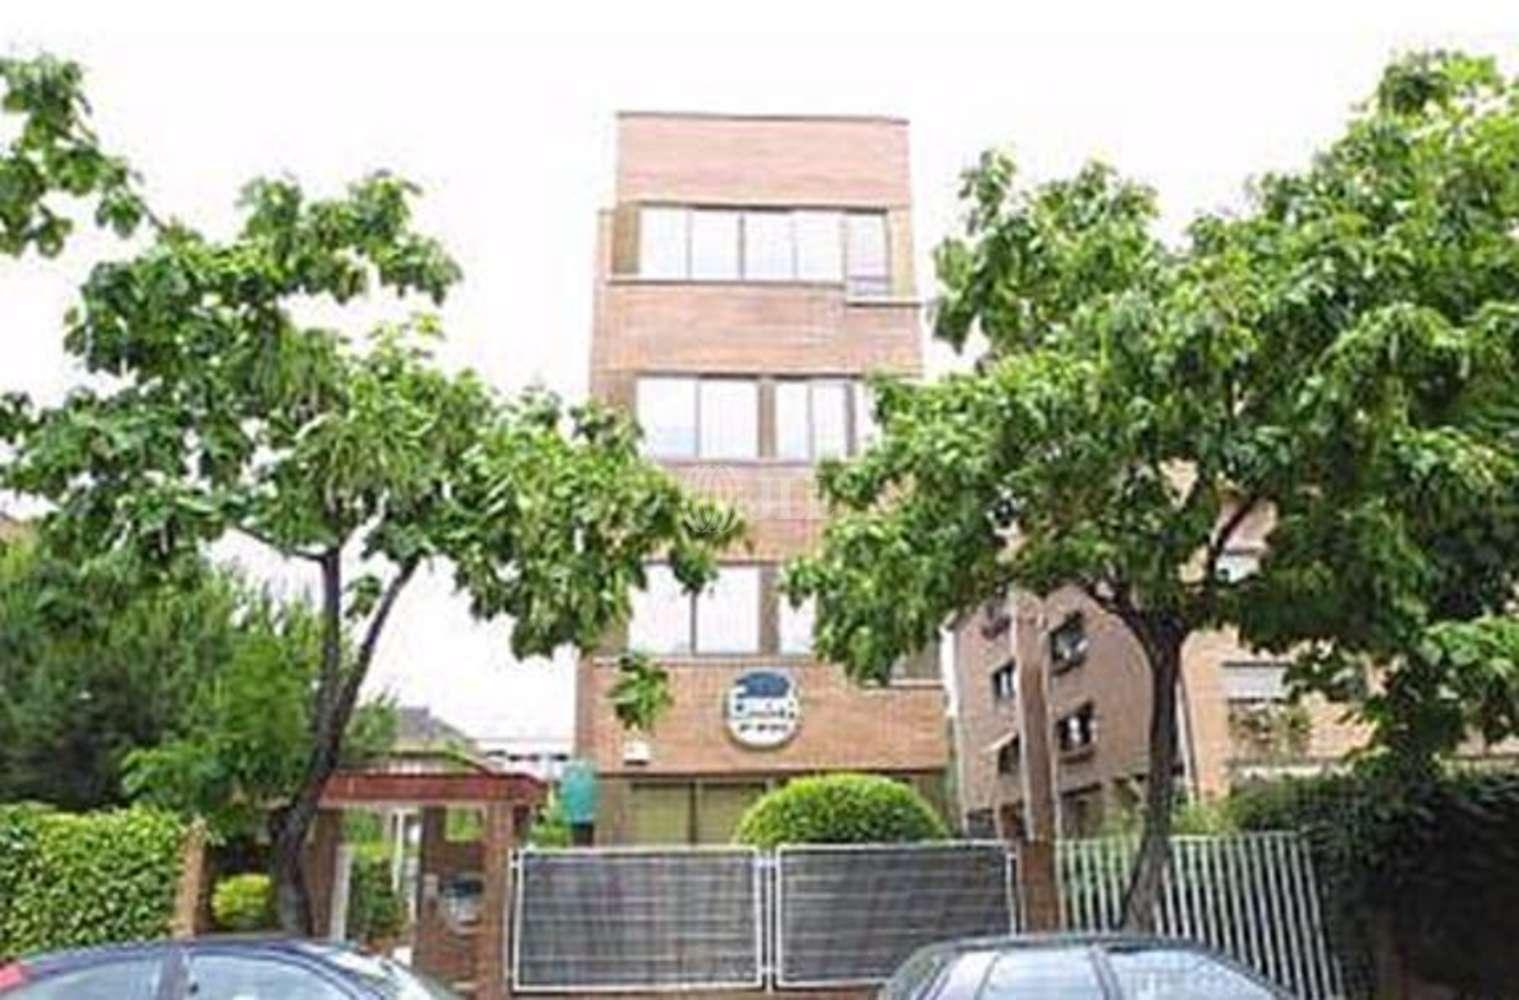 Oficina Sant cugat del vallès, 08195 - CA L´AMETLLER - Edificio 4 - 7834